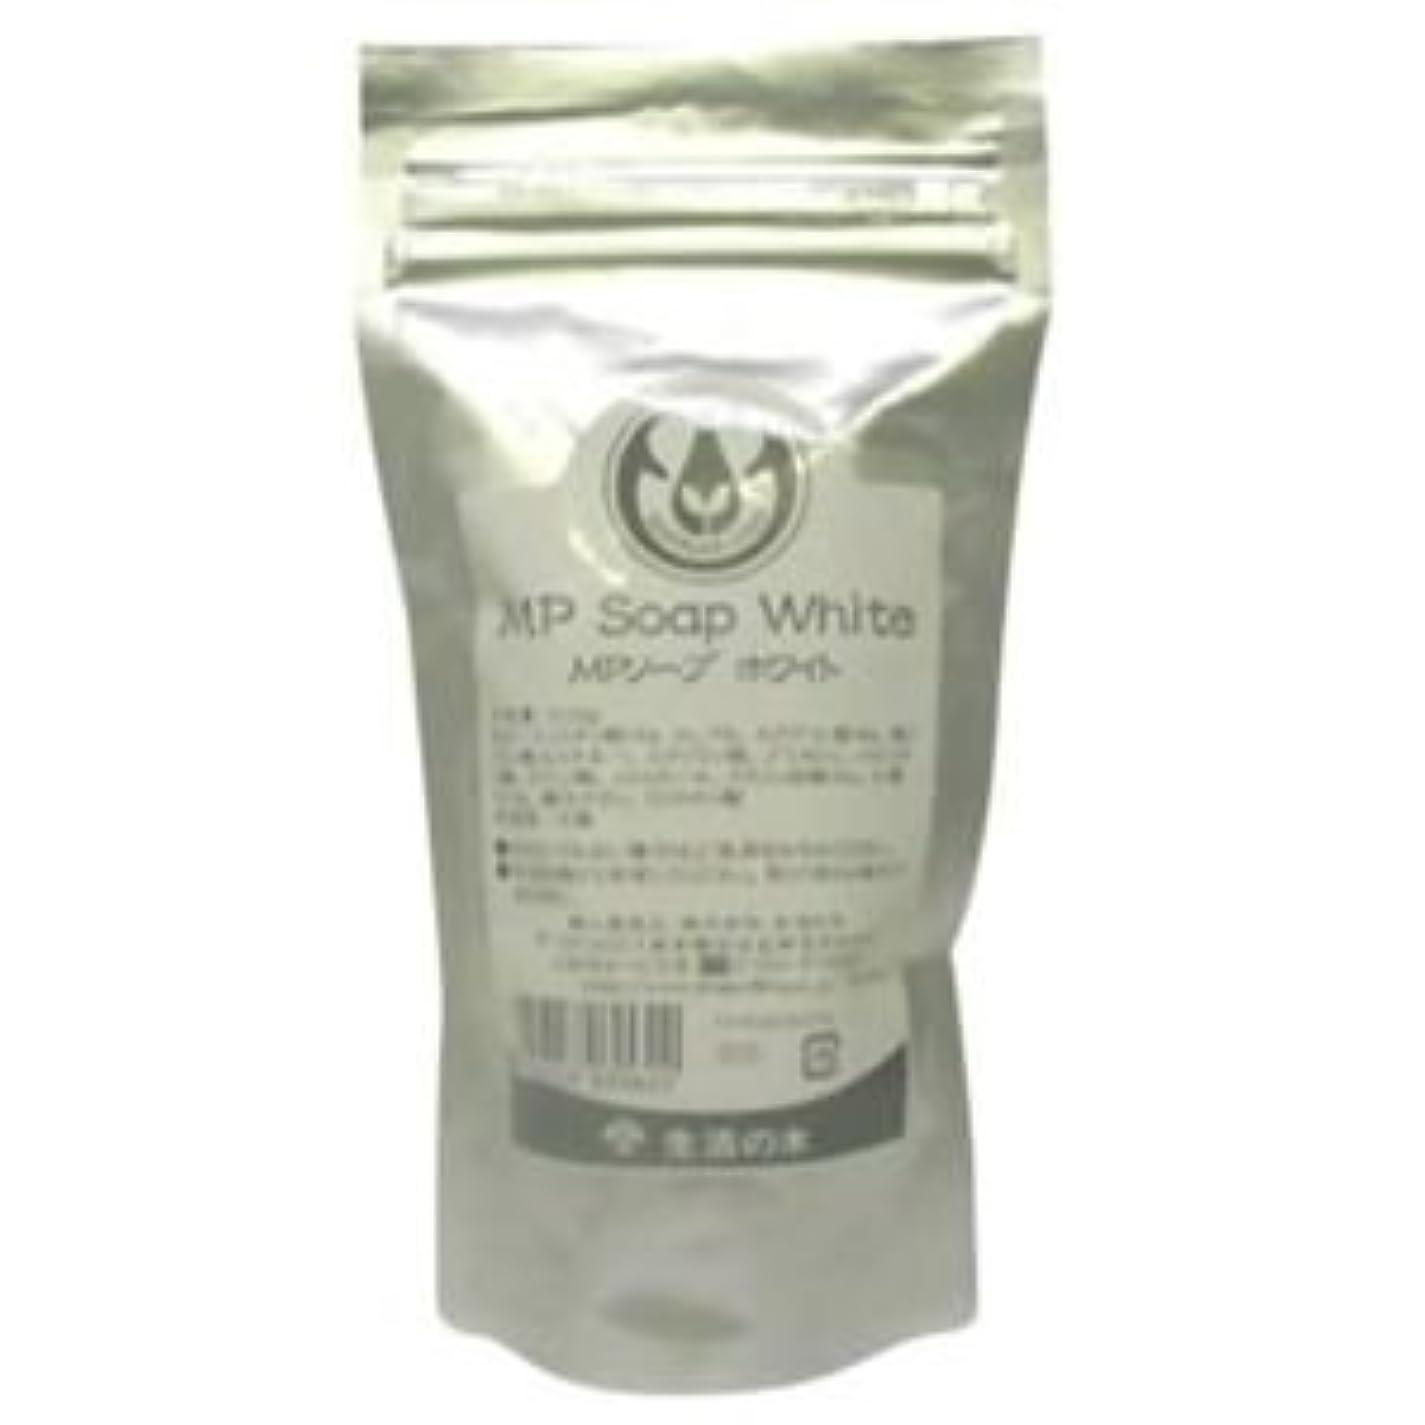 襟汚れた豆生活の木 MPソープホワイト 100g